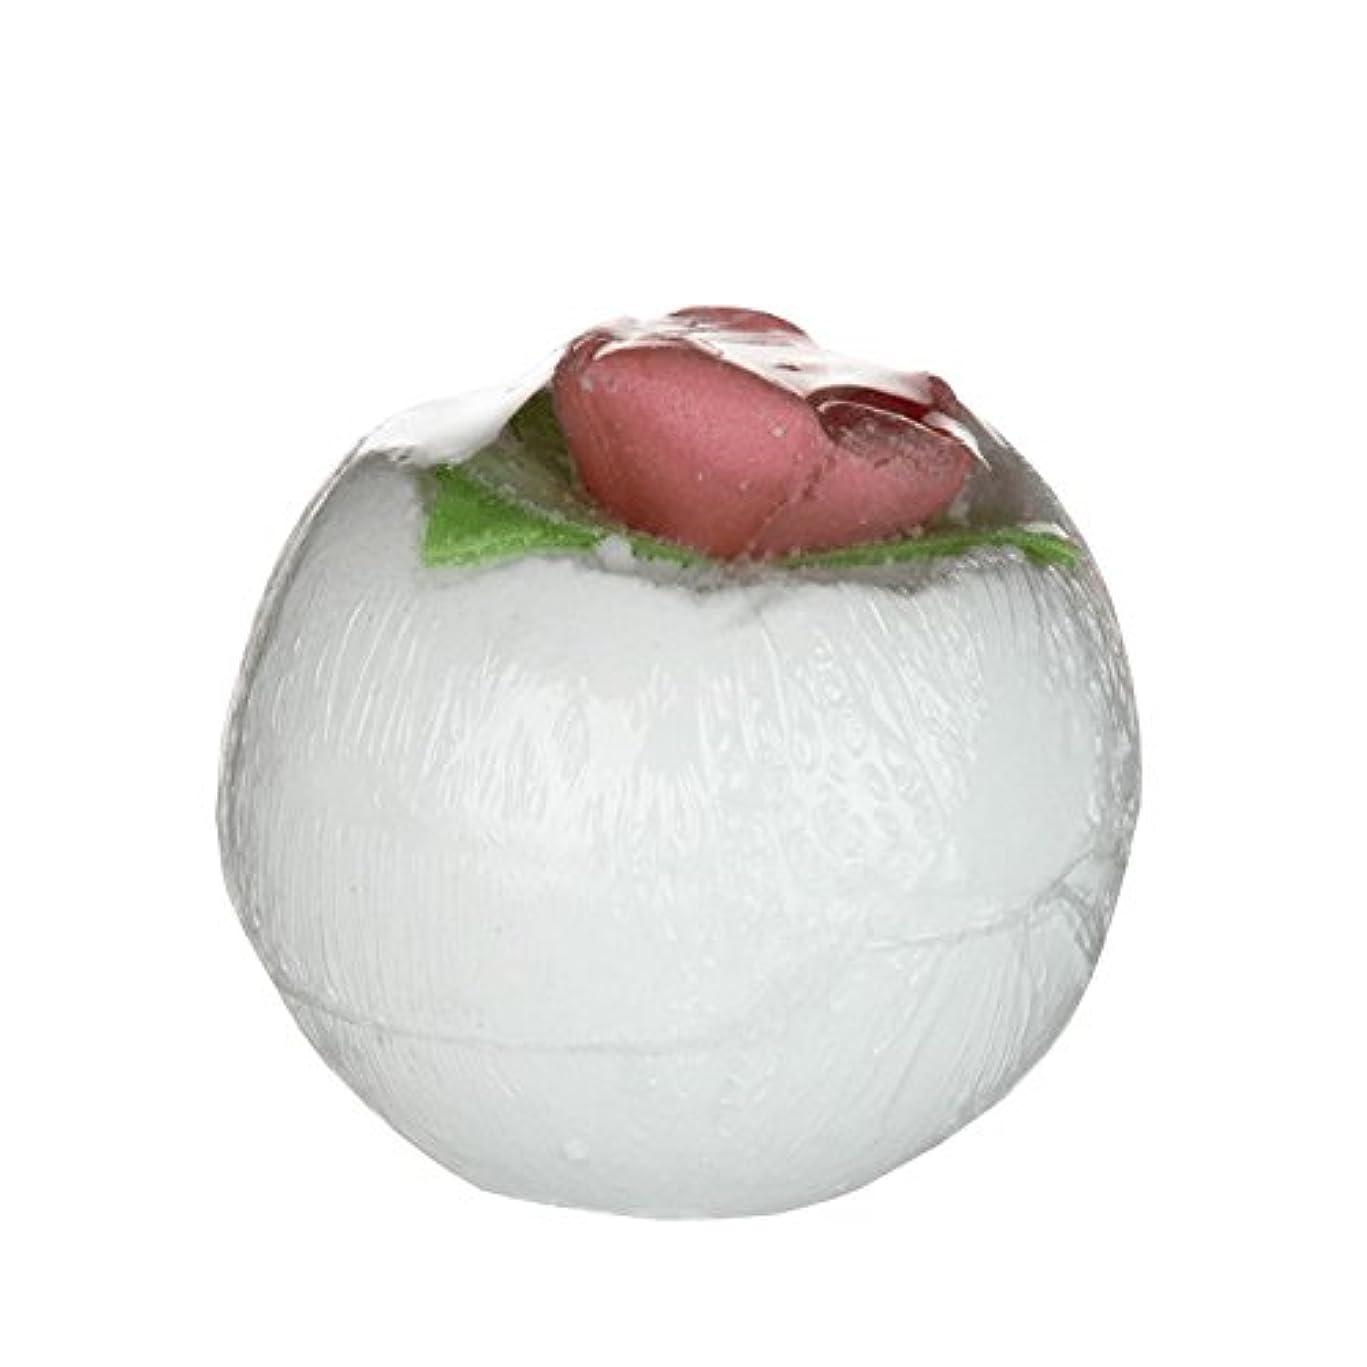 吹きさらしどうやら山岳Treetsバスボール最愛の花170グラム - Treets Bath Ball Darling Flower 170g (Treets) [並行輸入品]